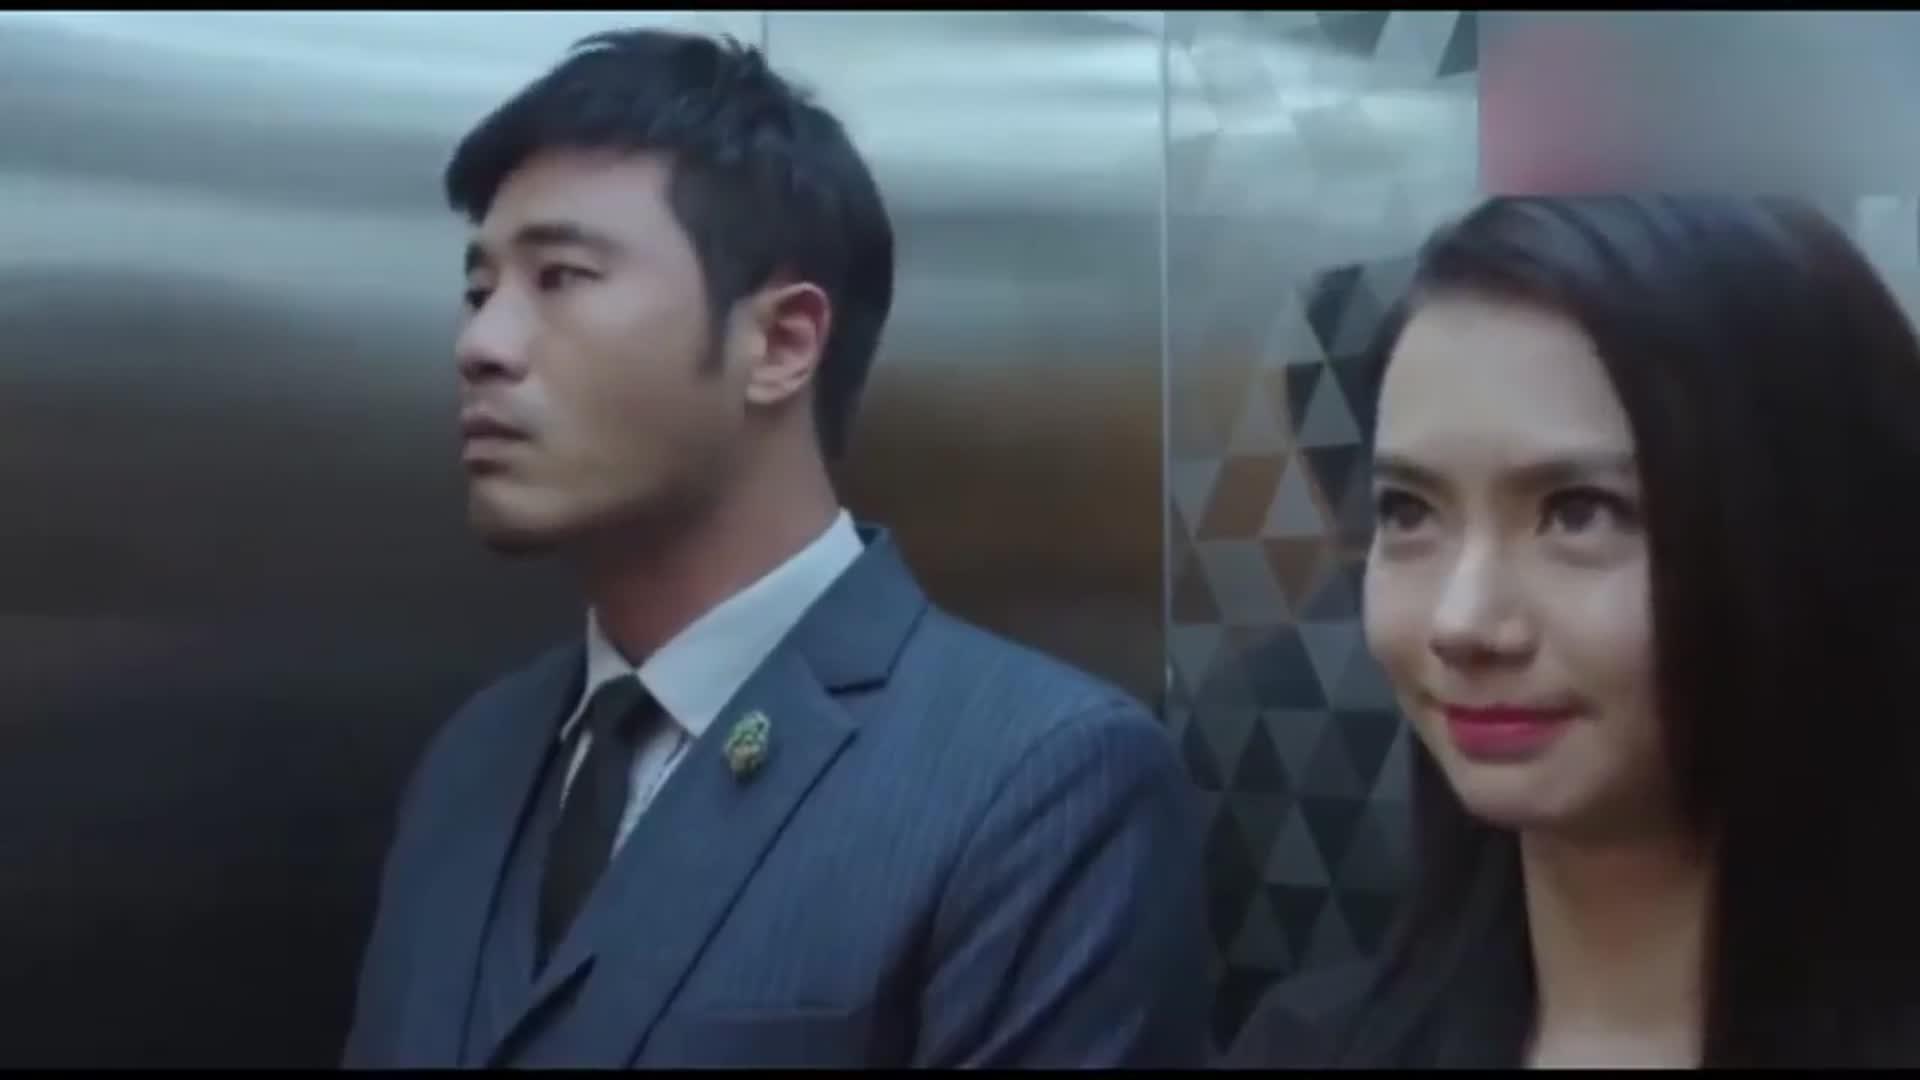 影视剧:高富帅在电梯里淡定的亲了下戚薇